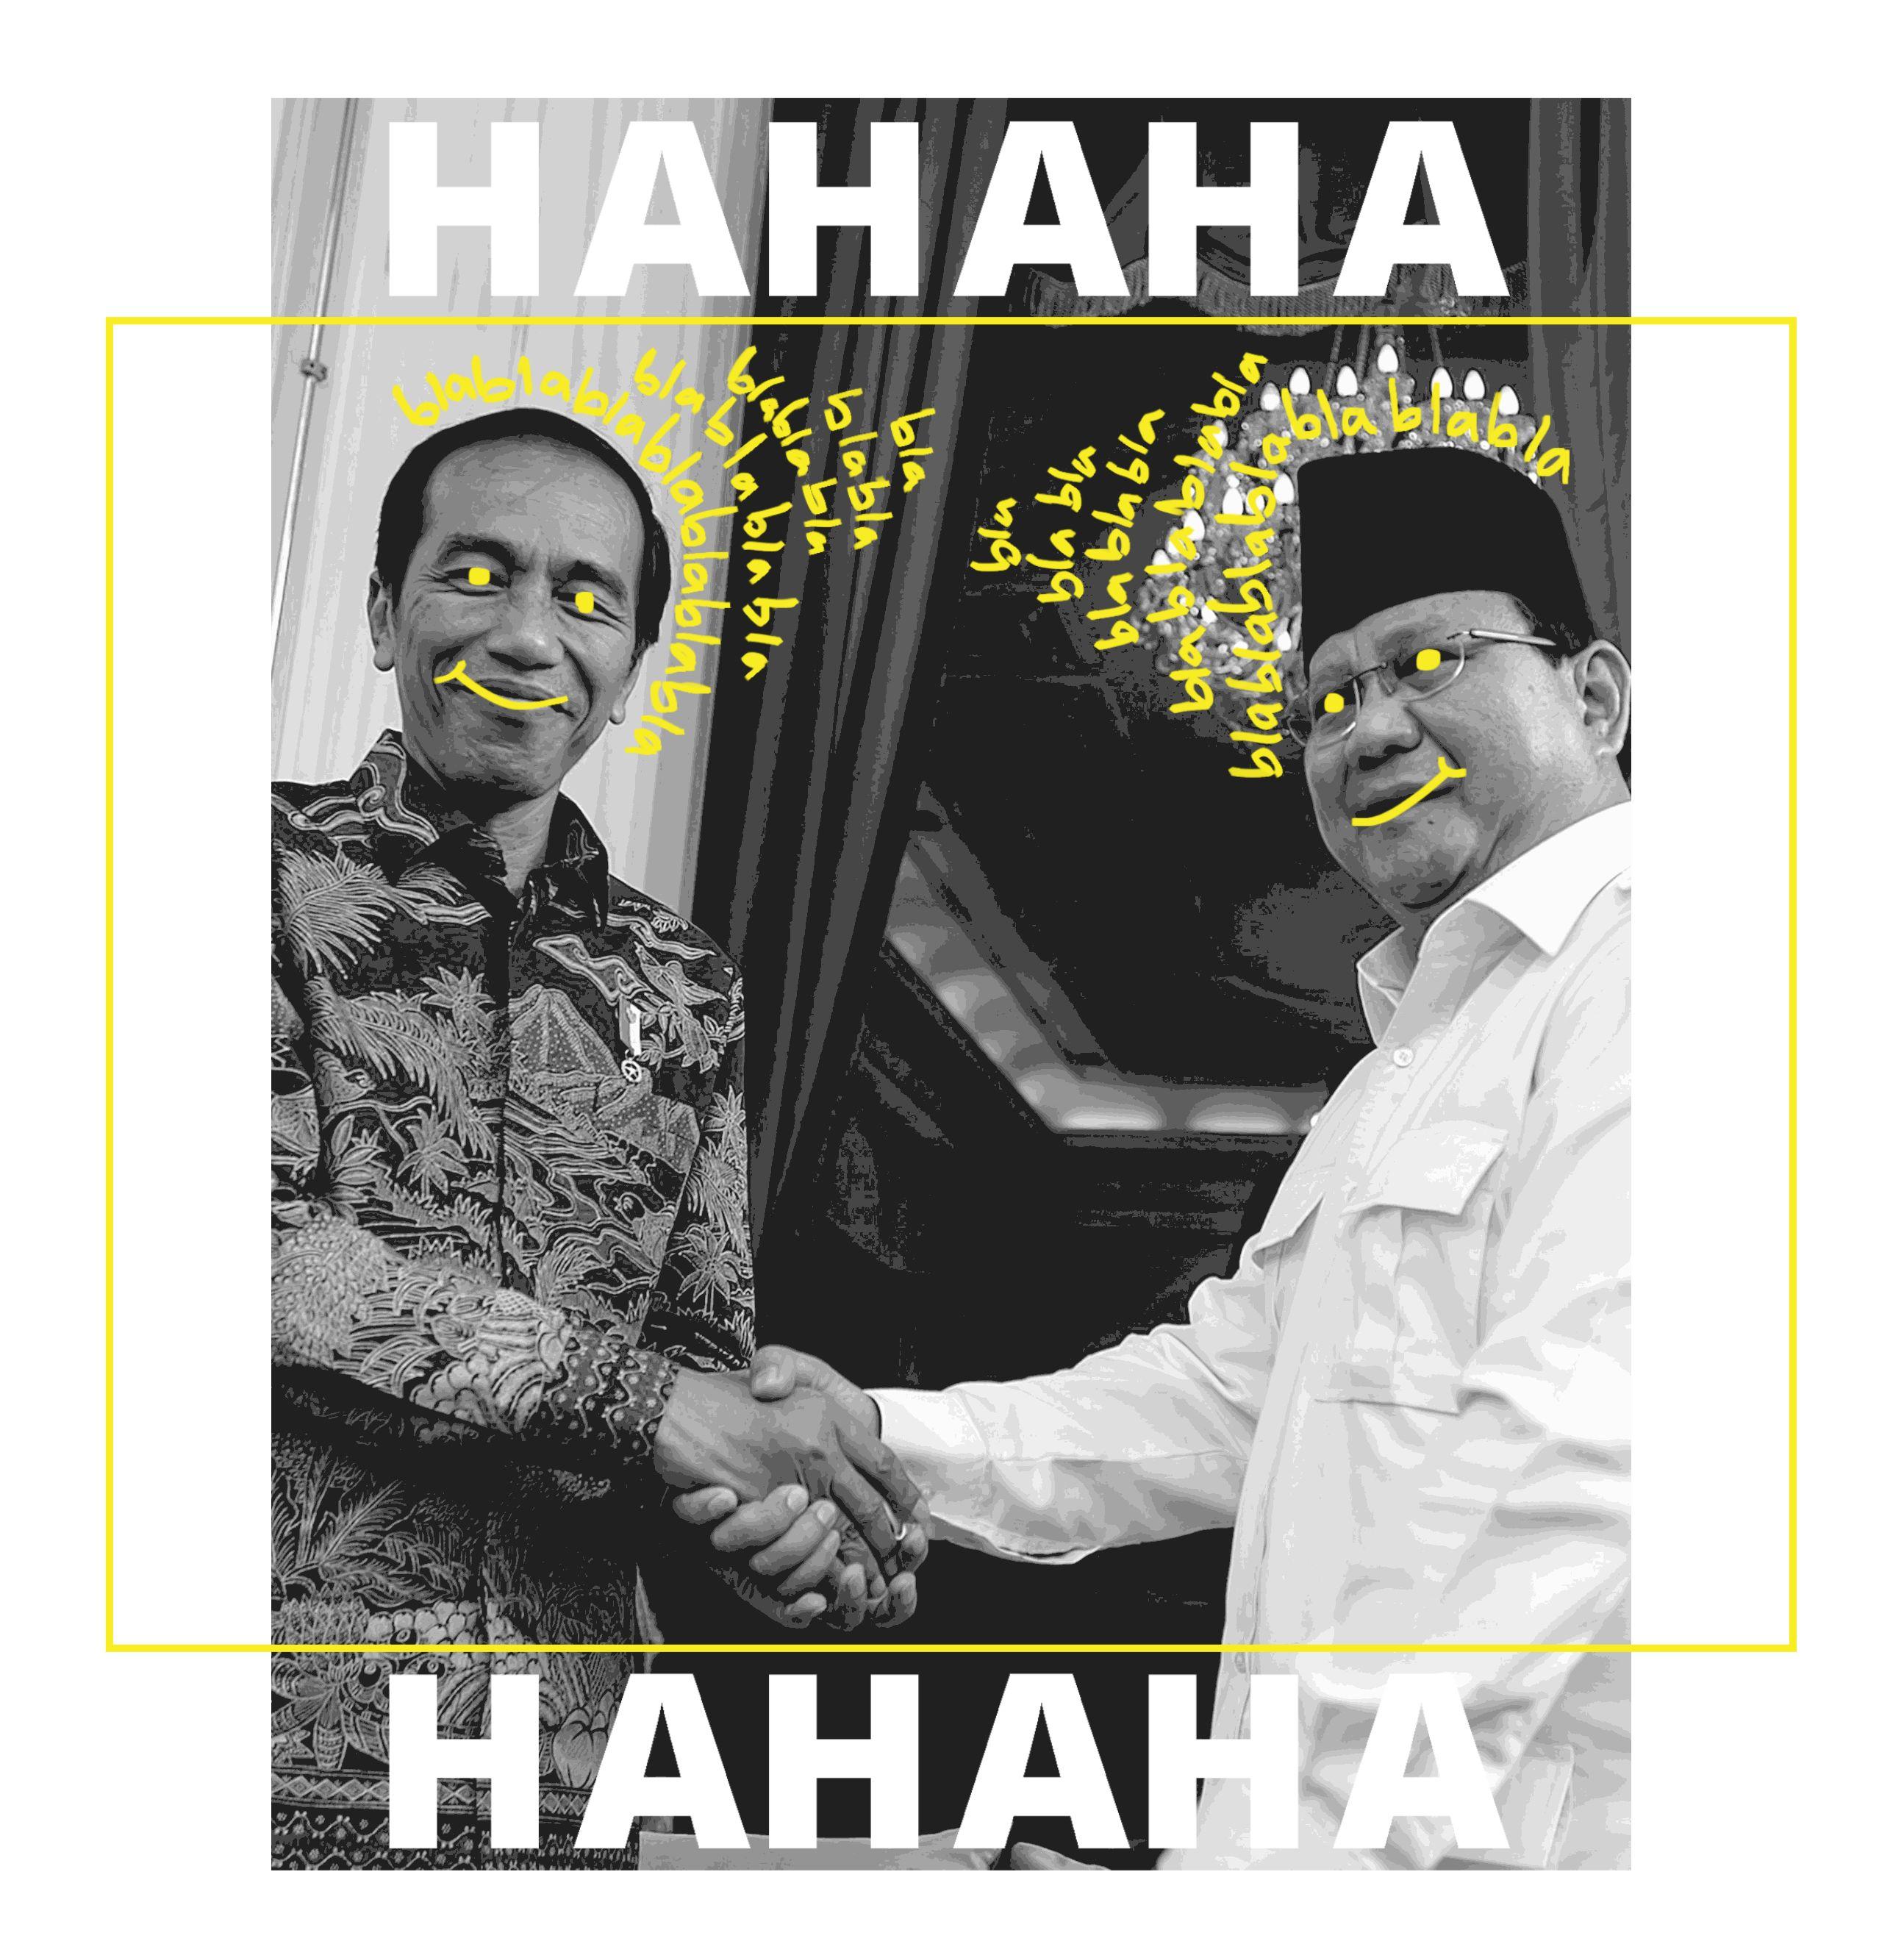 Keberadaan Meme Politik Menjelang Pemilu 2019 Sebagai Sarana